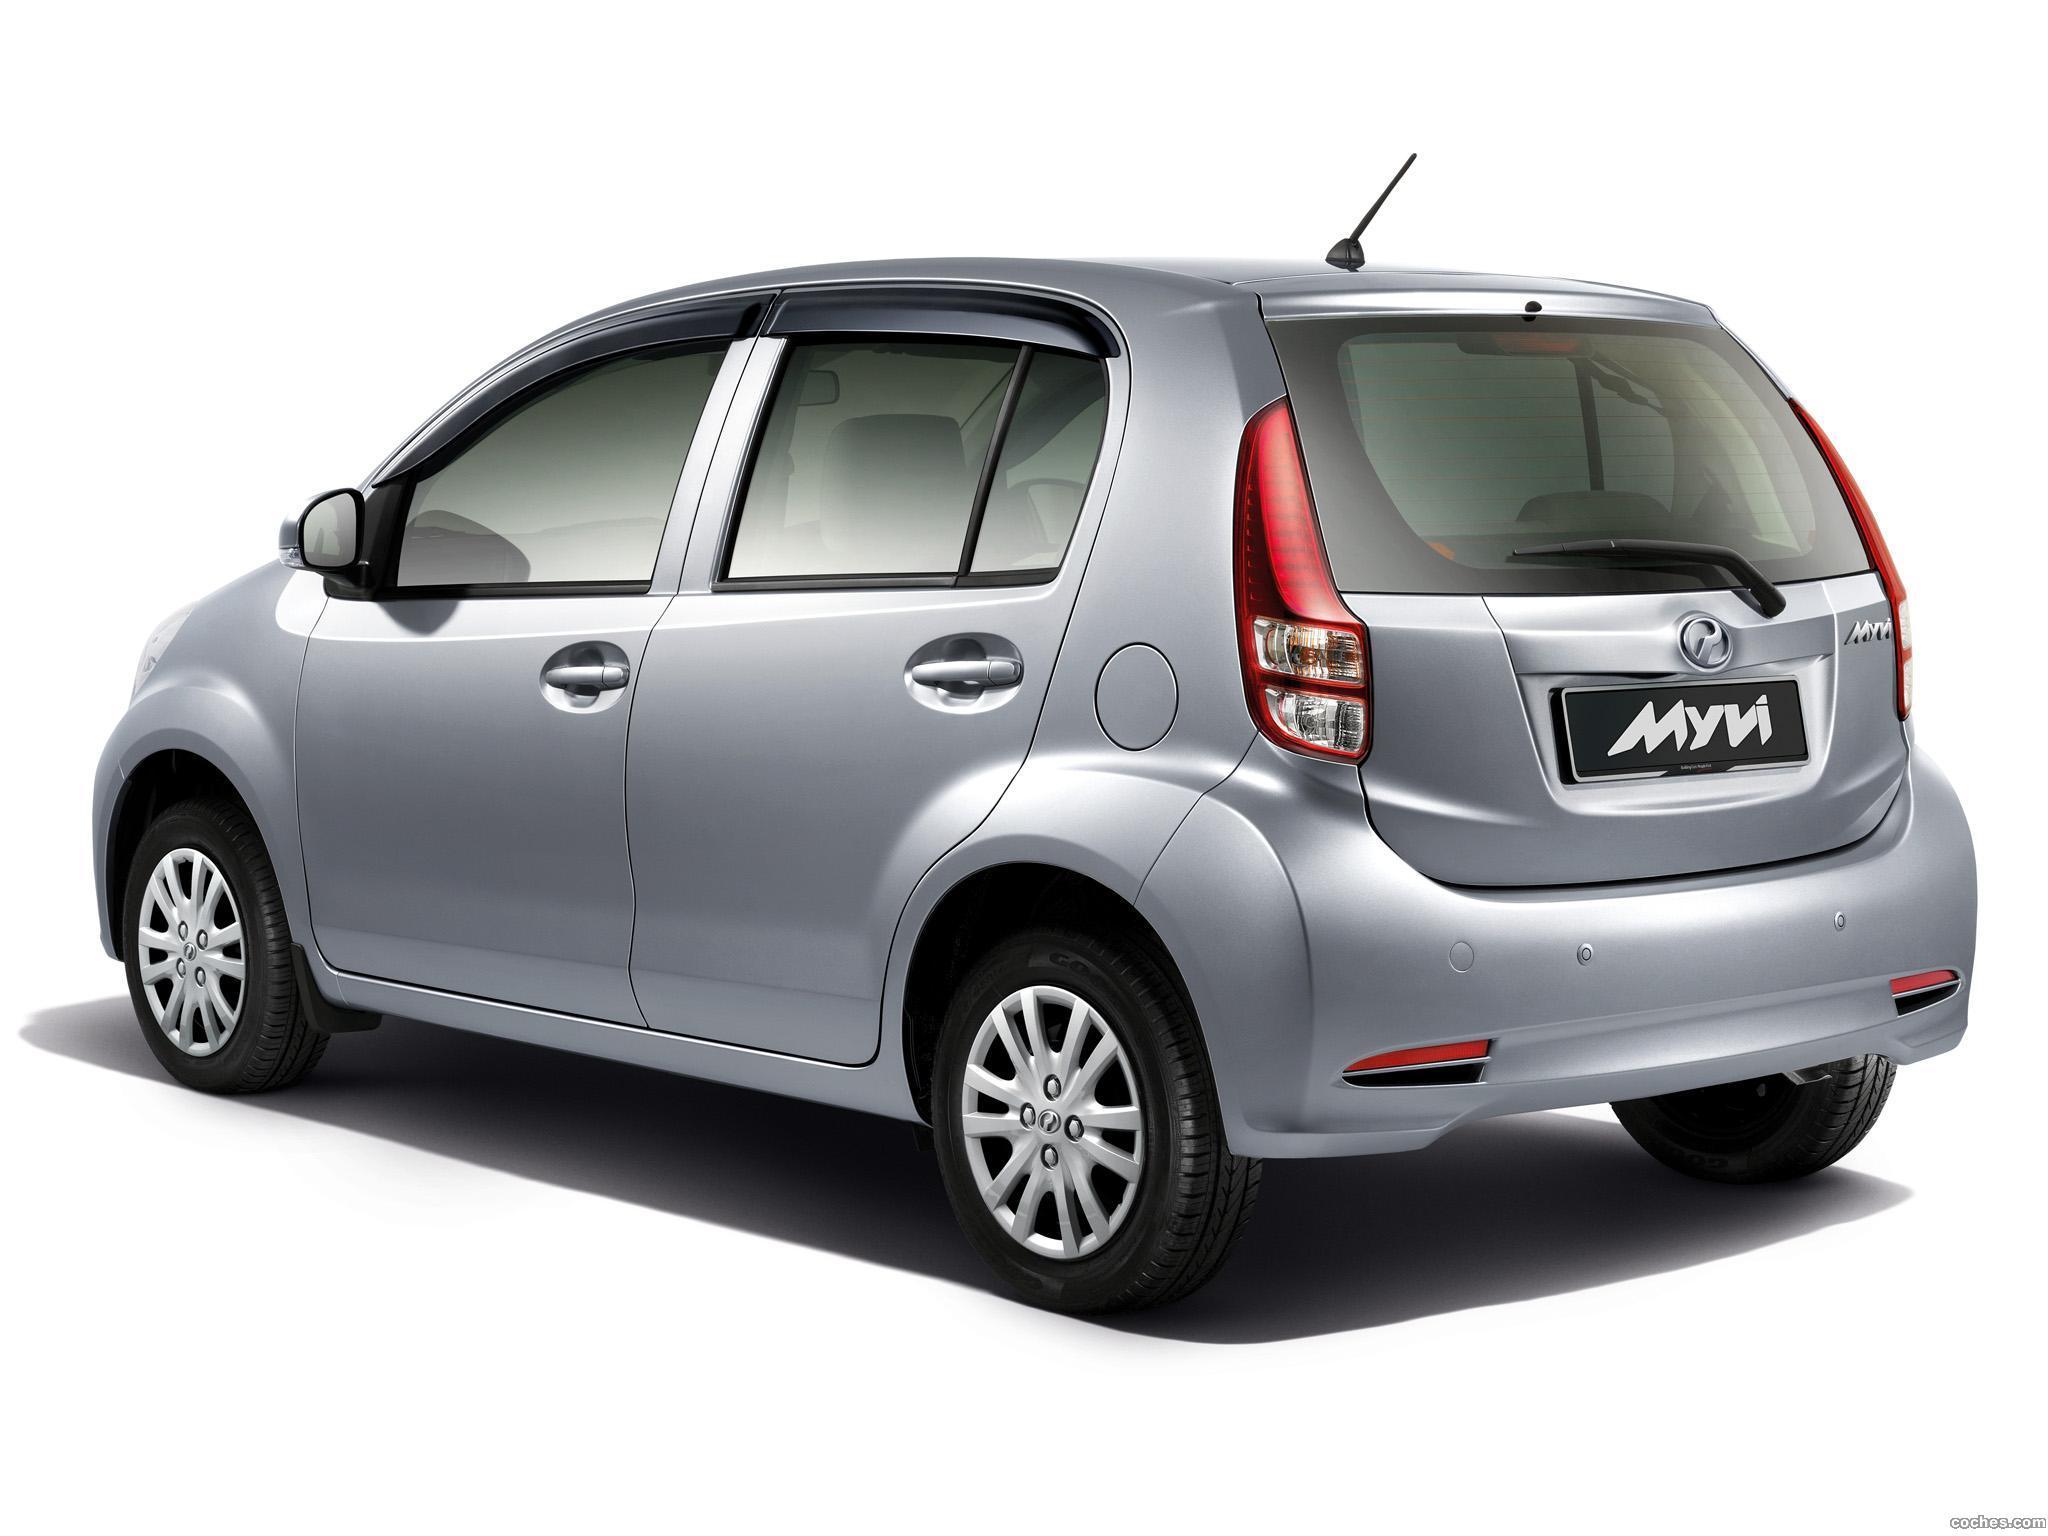 Foto 8 de Perodua MyVi 2011